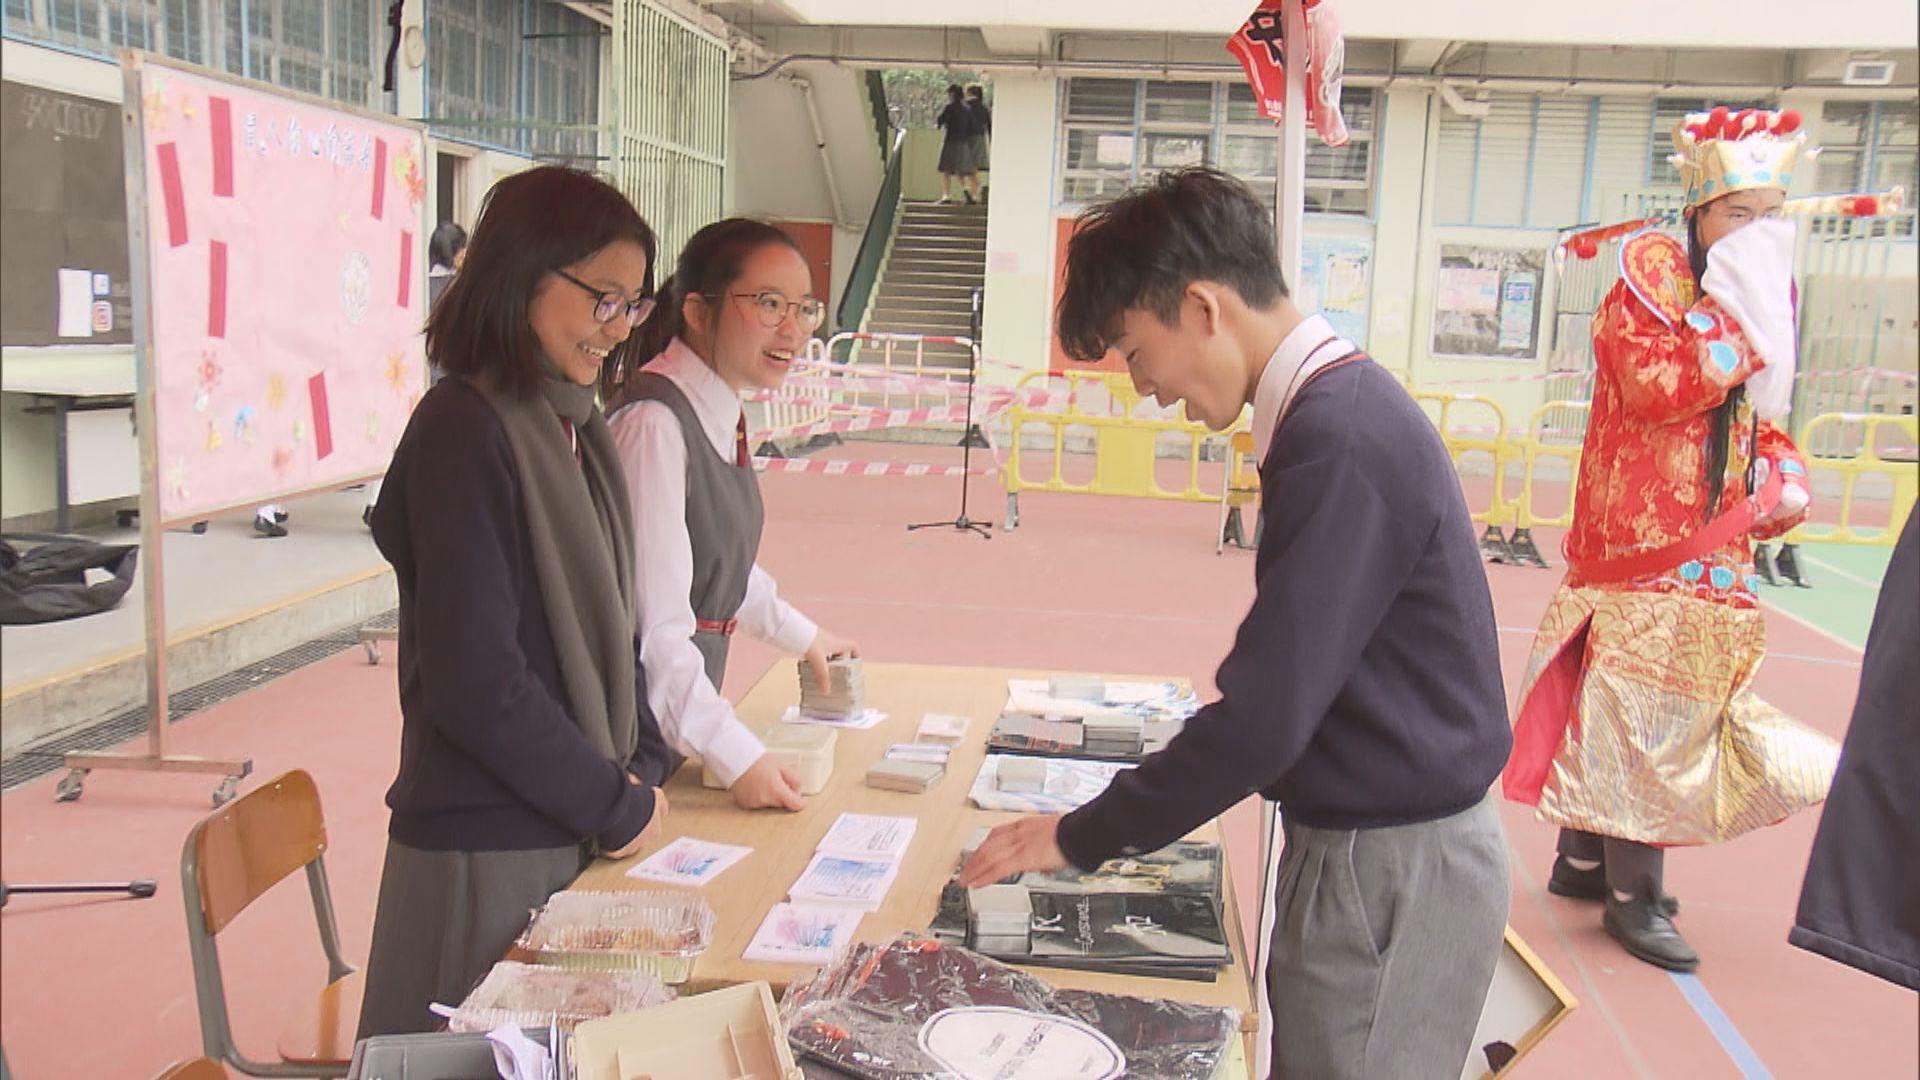 中學生年宵「變陣」校內銷售 視經歷為應變解難考驗